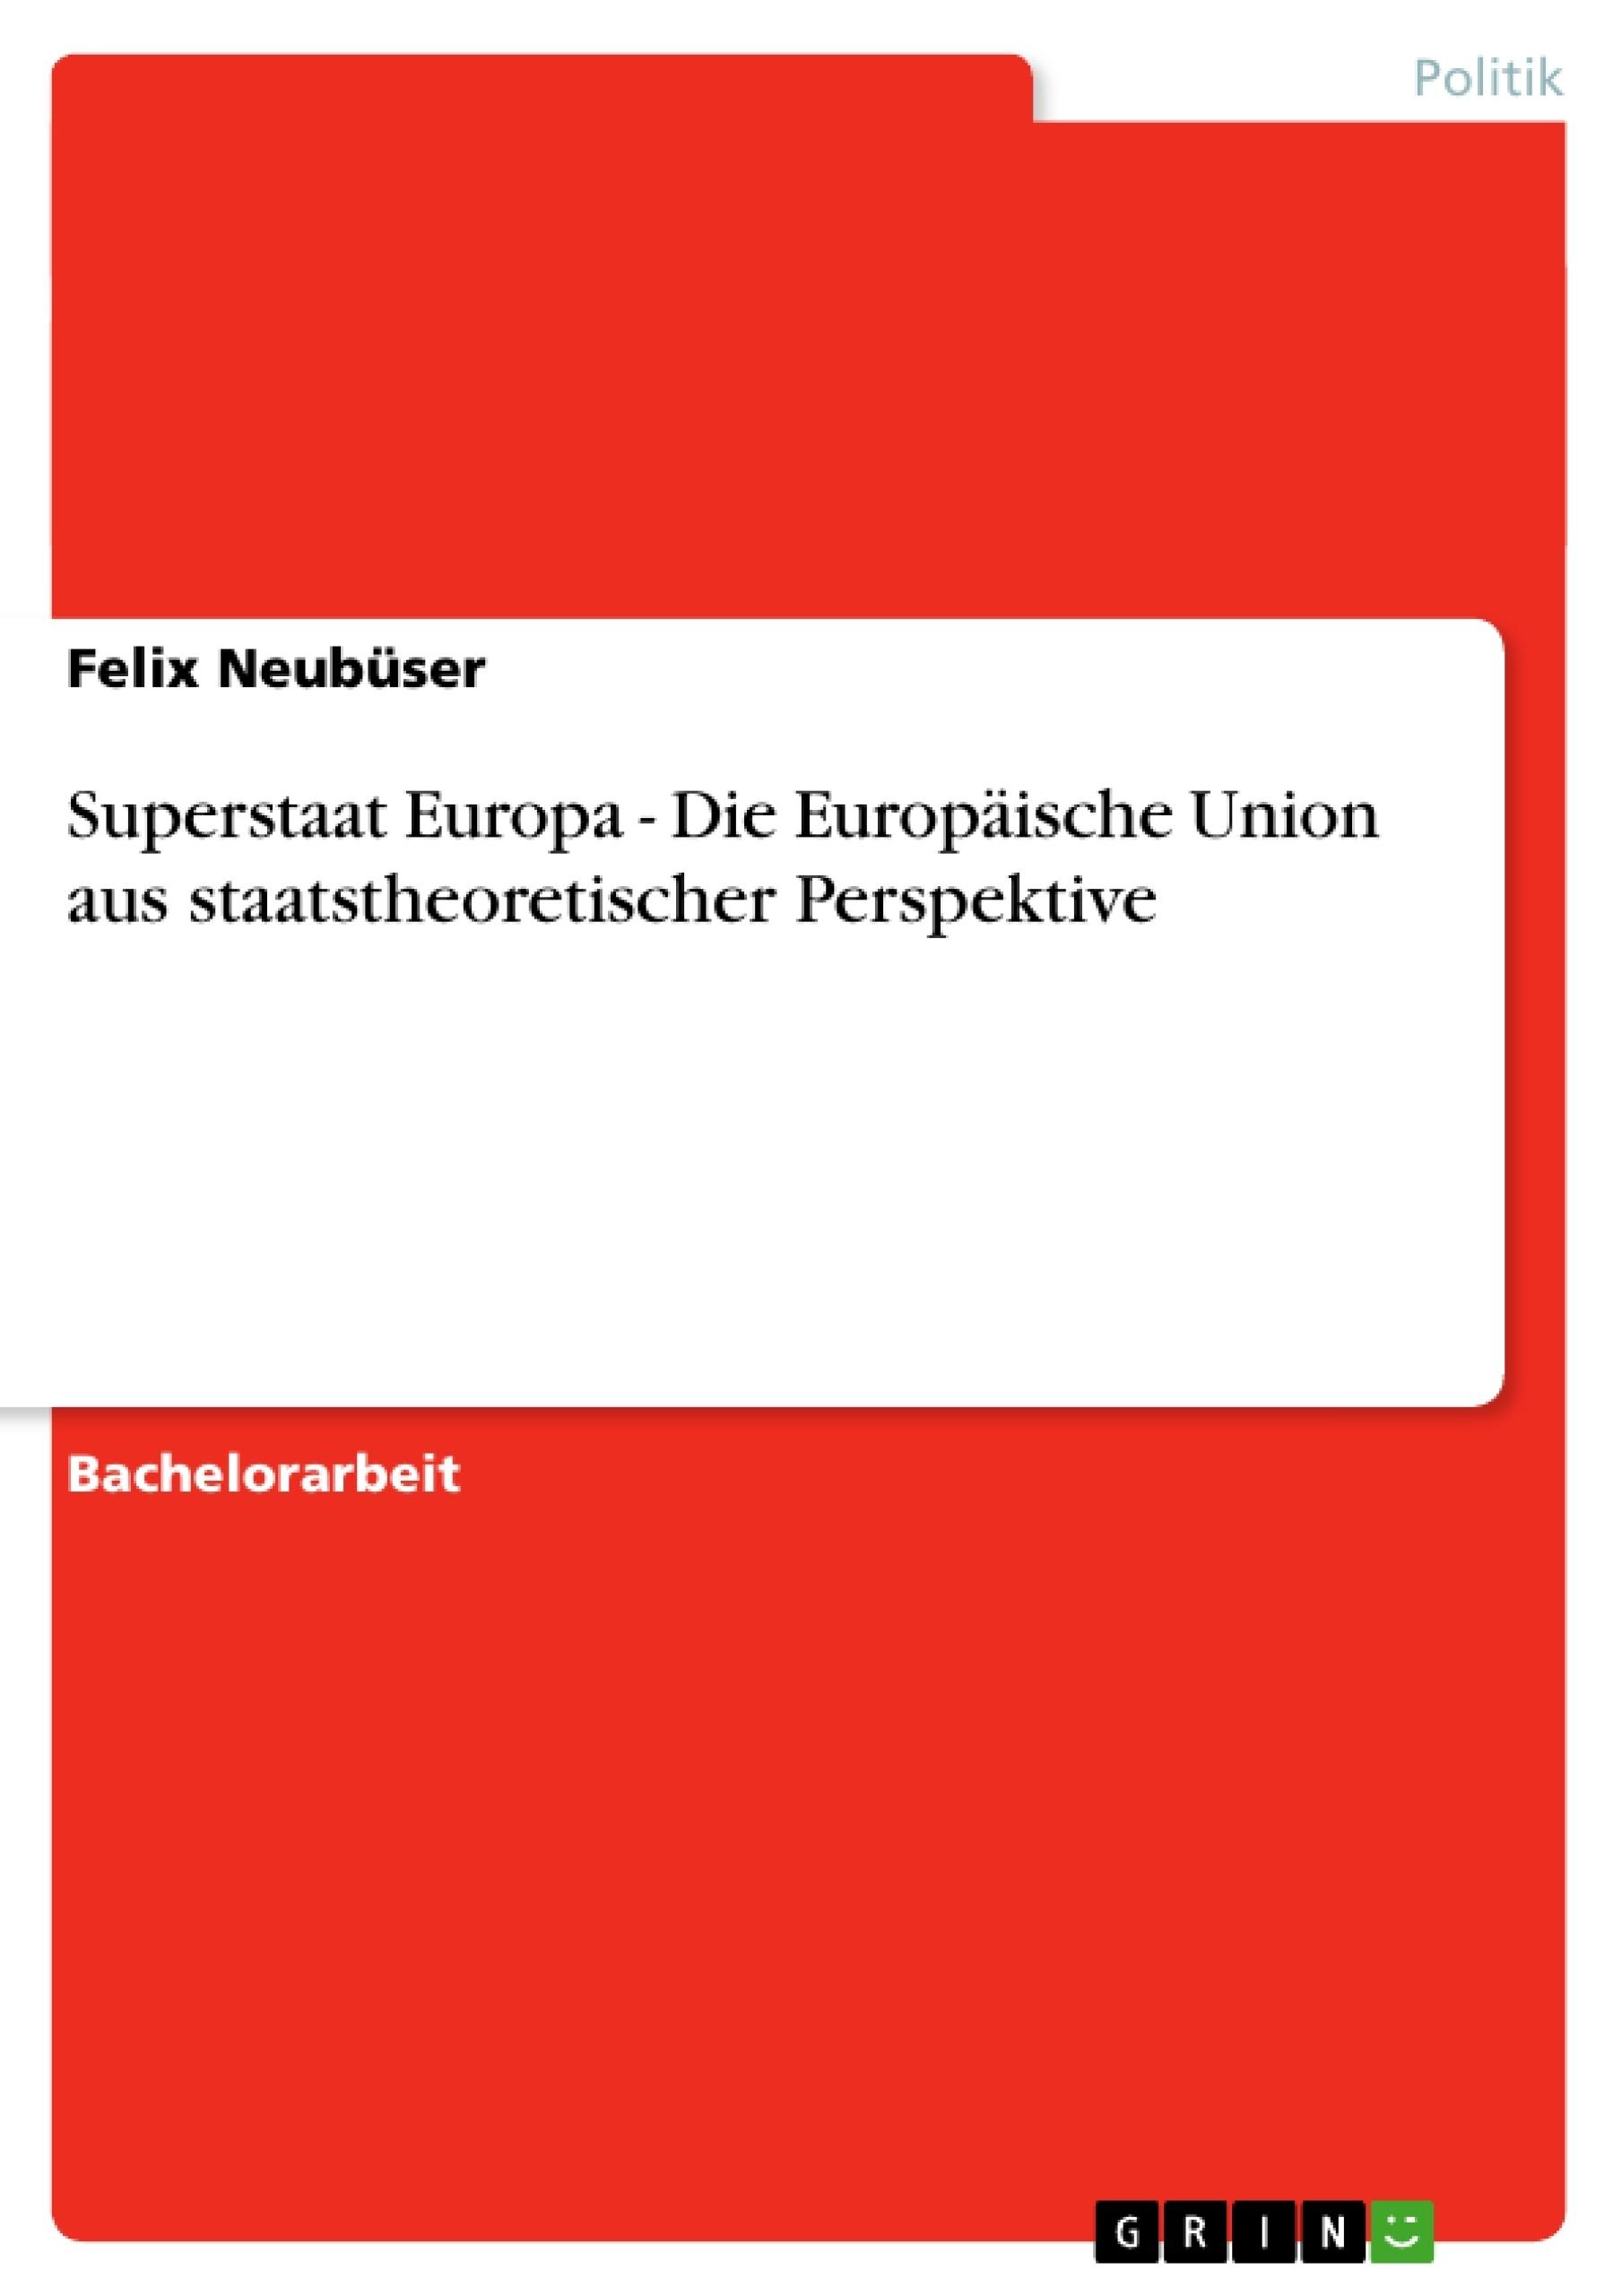 Titel: Superstaat Europa - Die Europäische Union aus staatstheoretischer Perspektive